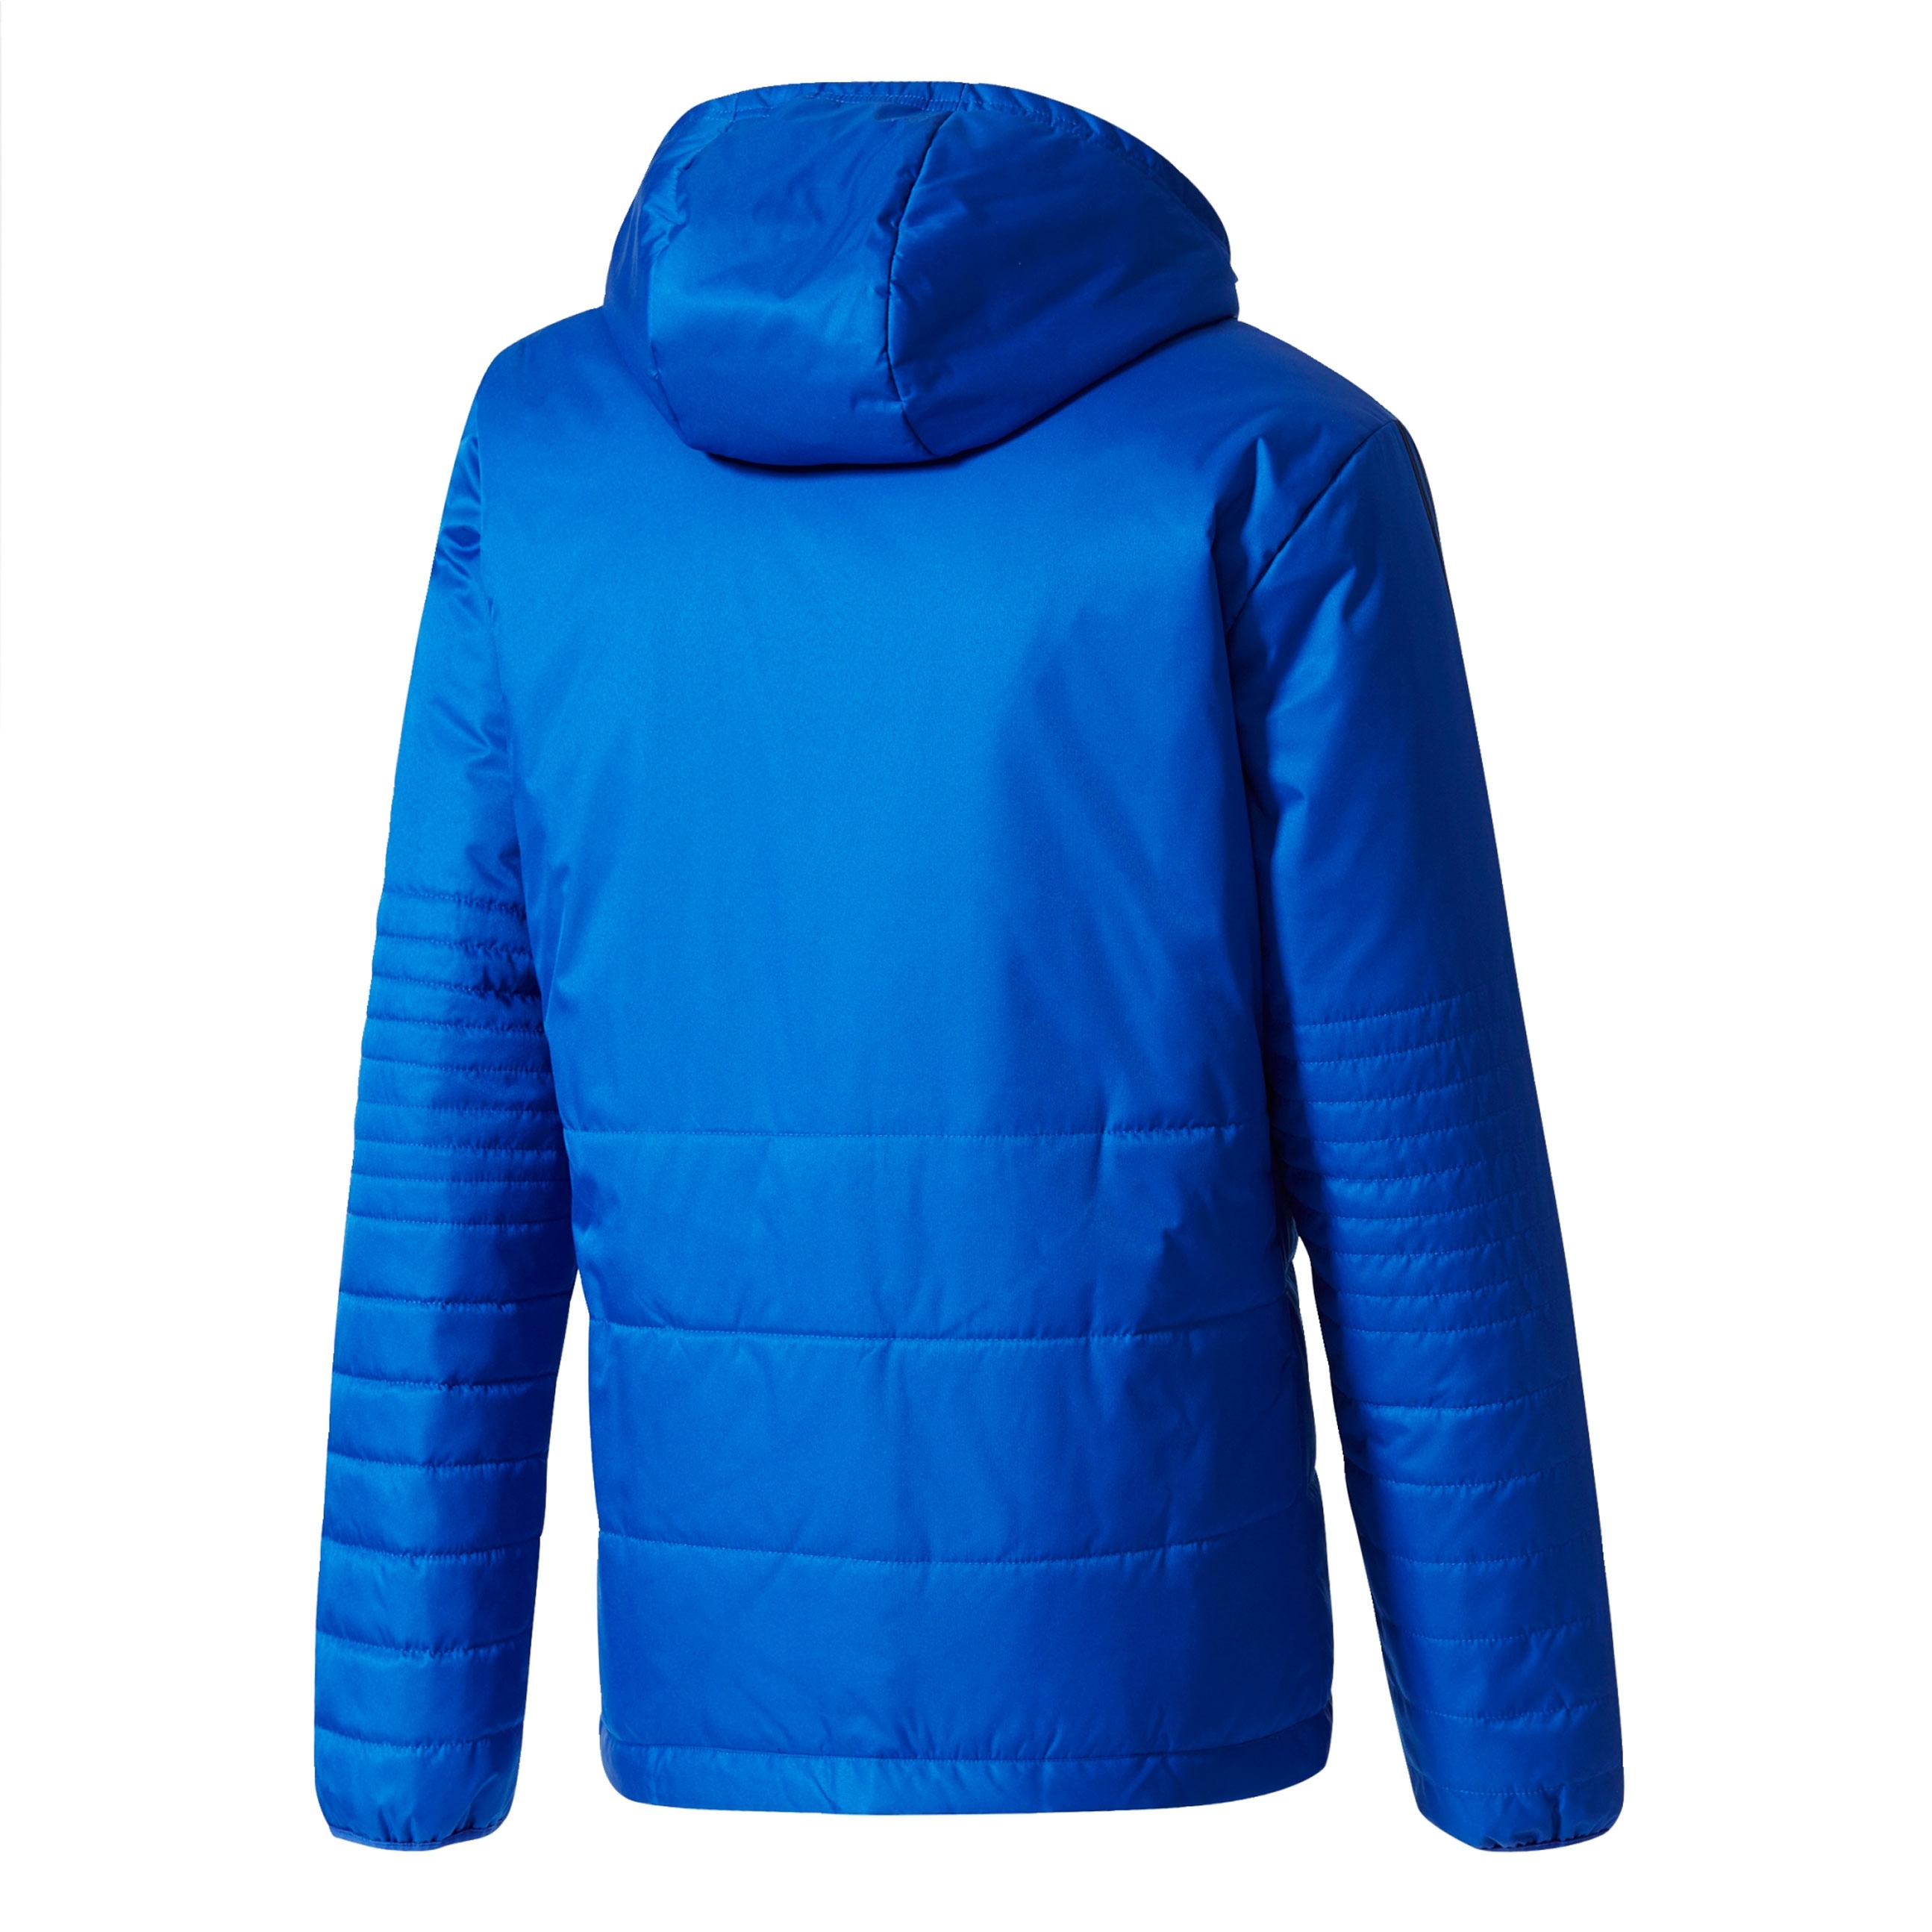 adidas schalke 04 training winter jacket royal blue. Black Bedroom Furniture Sets. Home Design Ideas